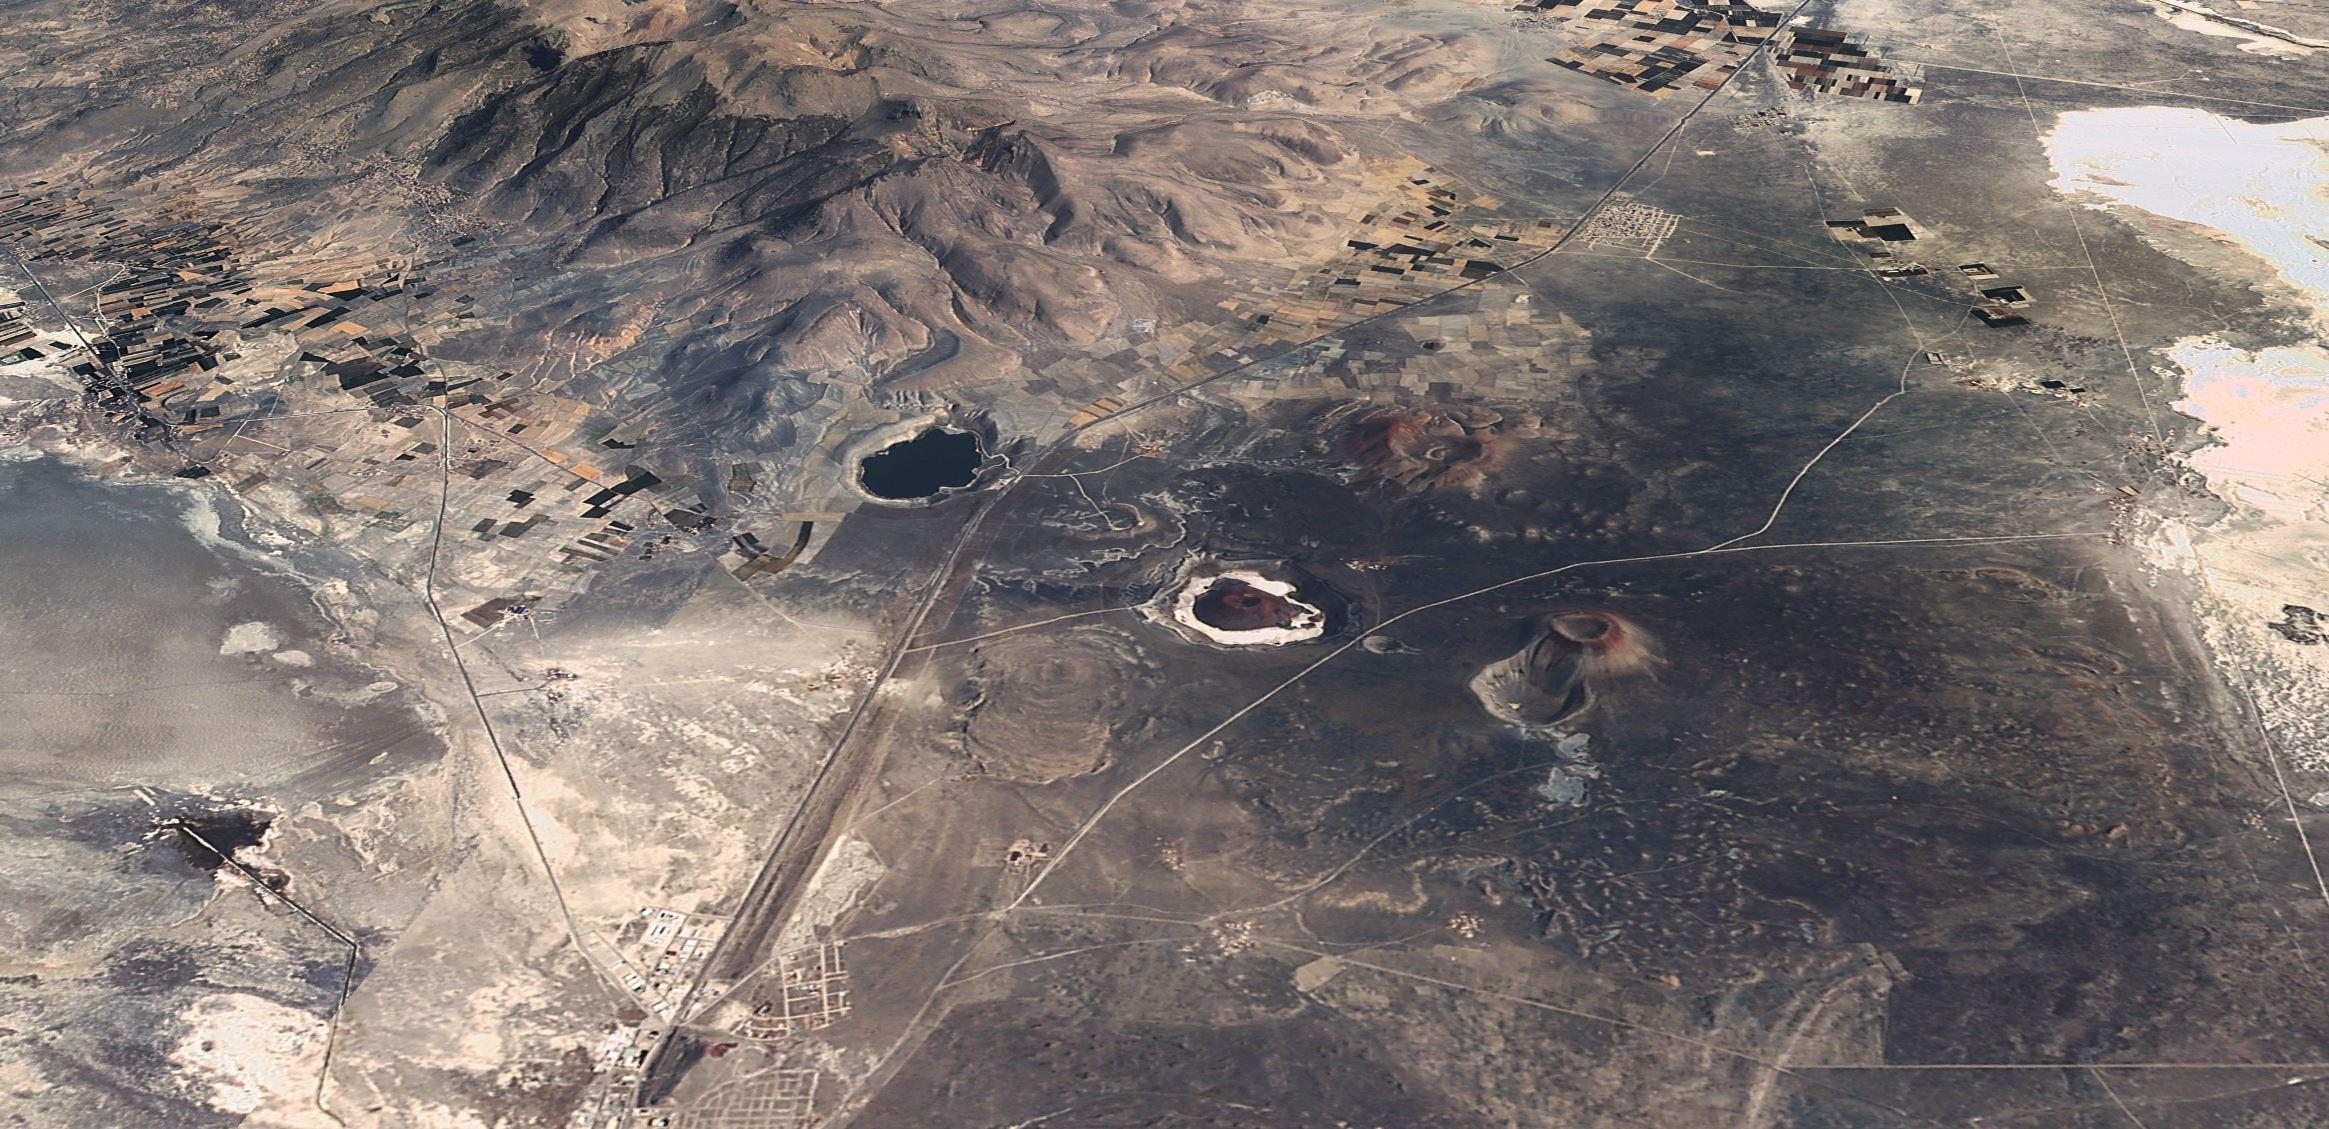 Meke Dağı & Meke Krater Gölü 11 Ekim 2016